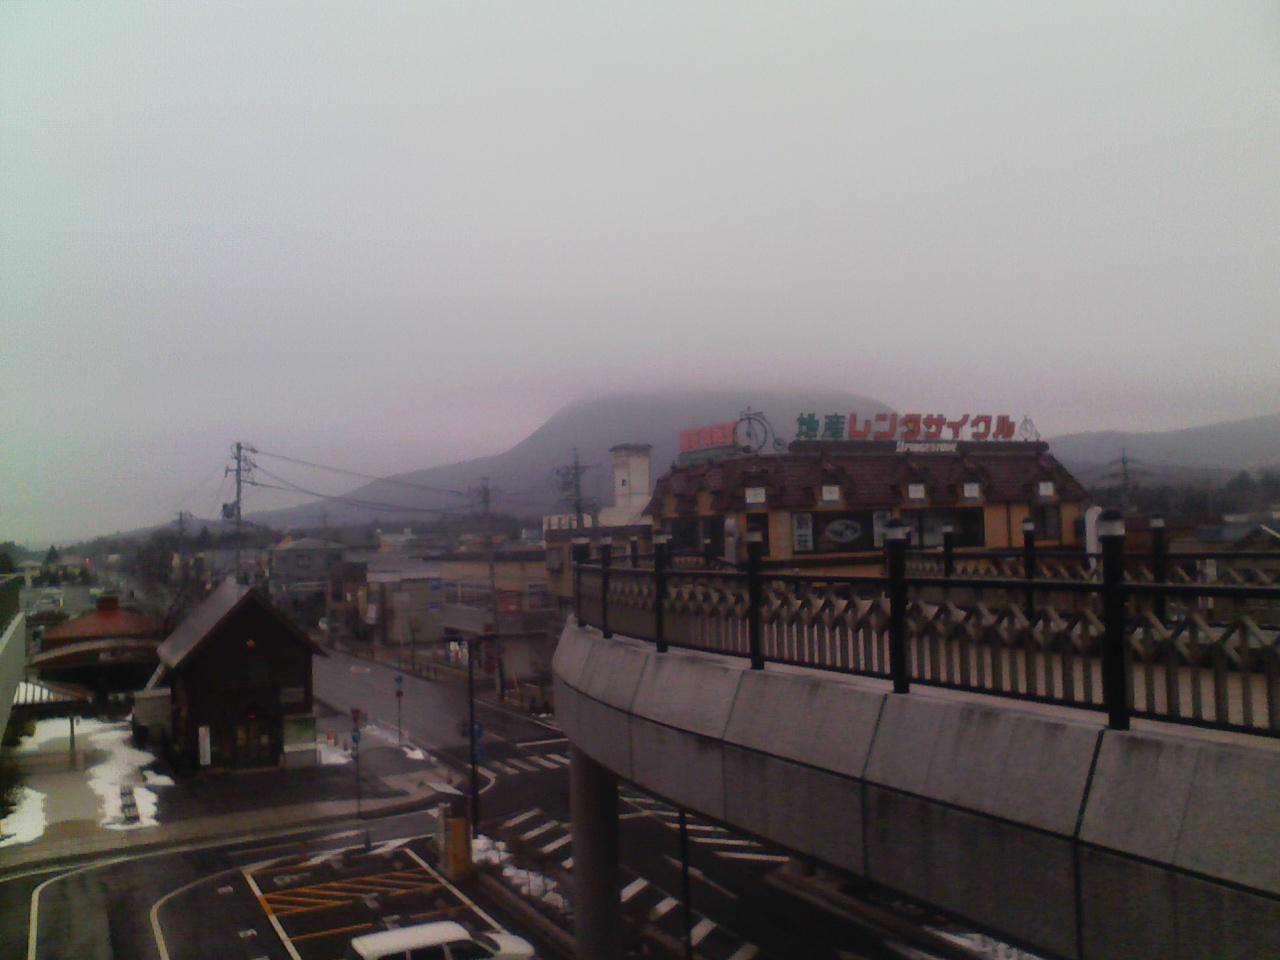 今朝の軽井沢【曇り時々雪または霙】